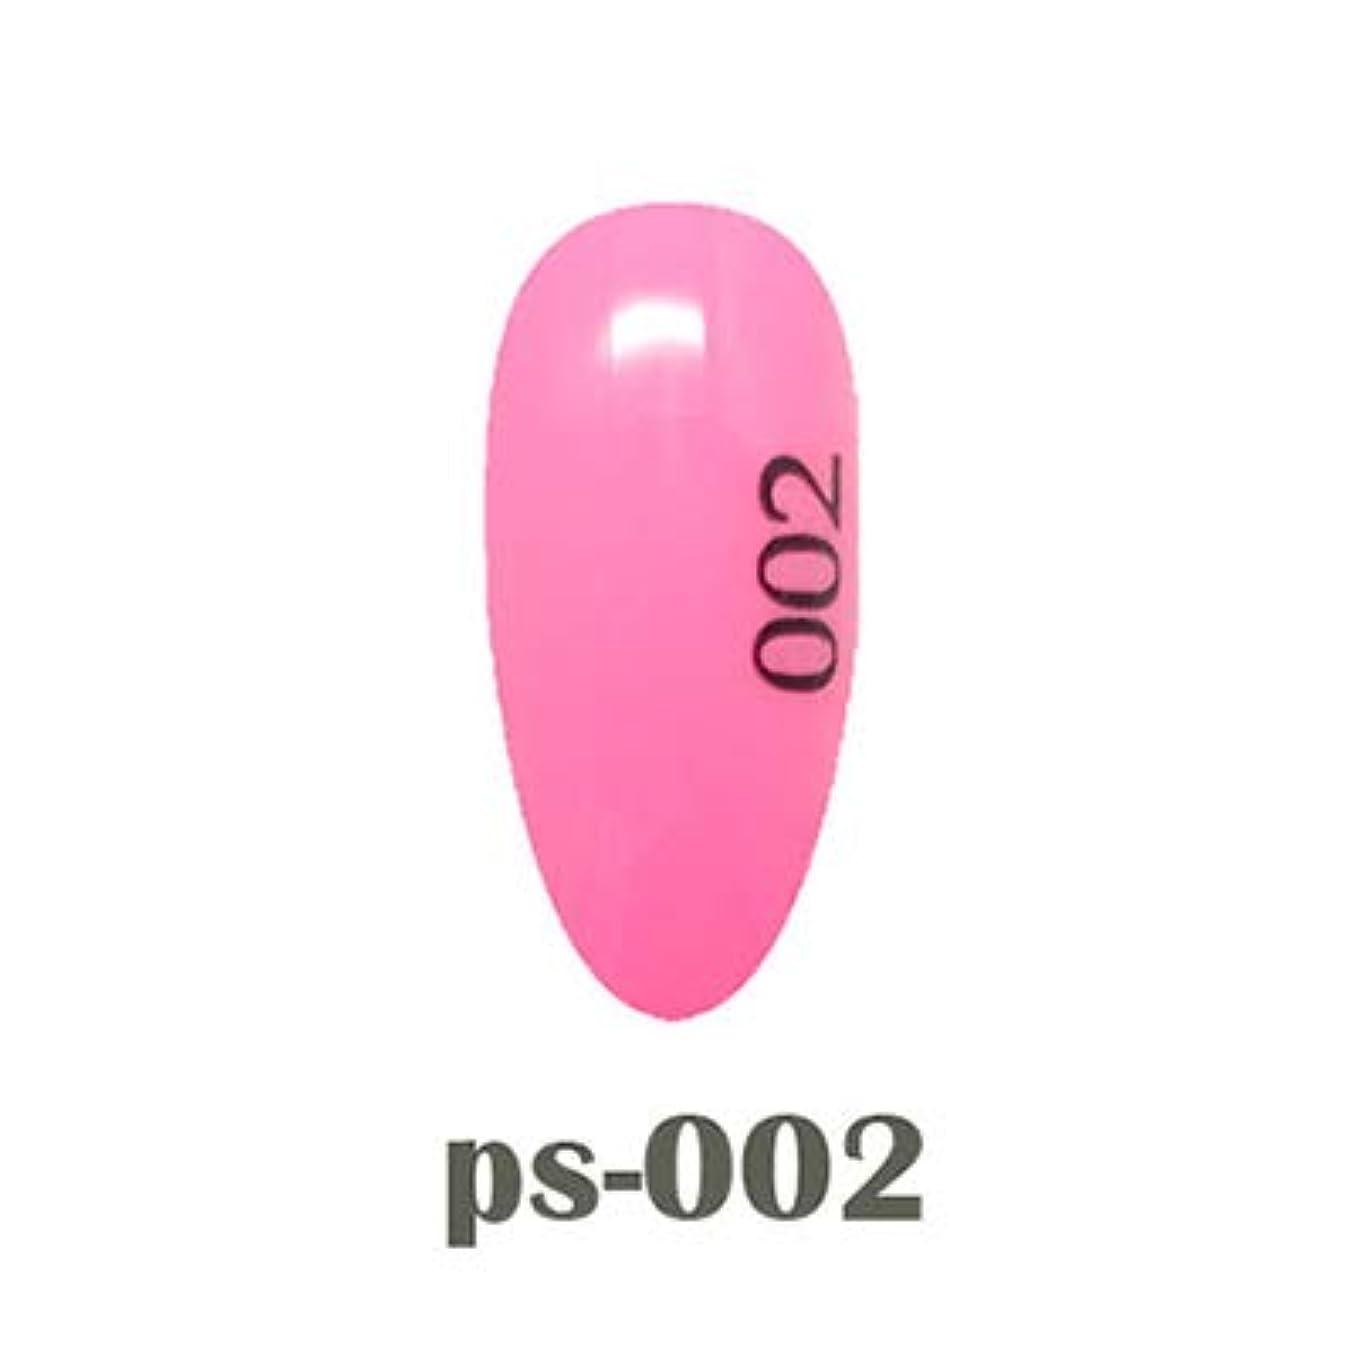 パック大臣バランスのとれたアイスジェル カラージェル ポイントパステルシリーズ PP-002 3g